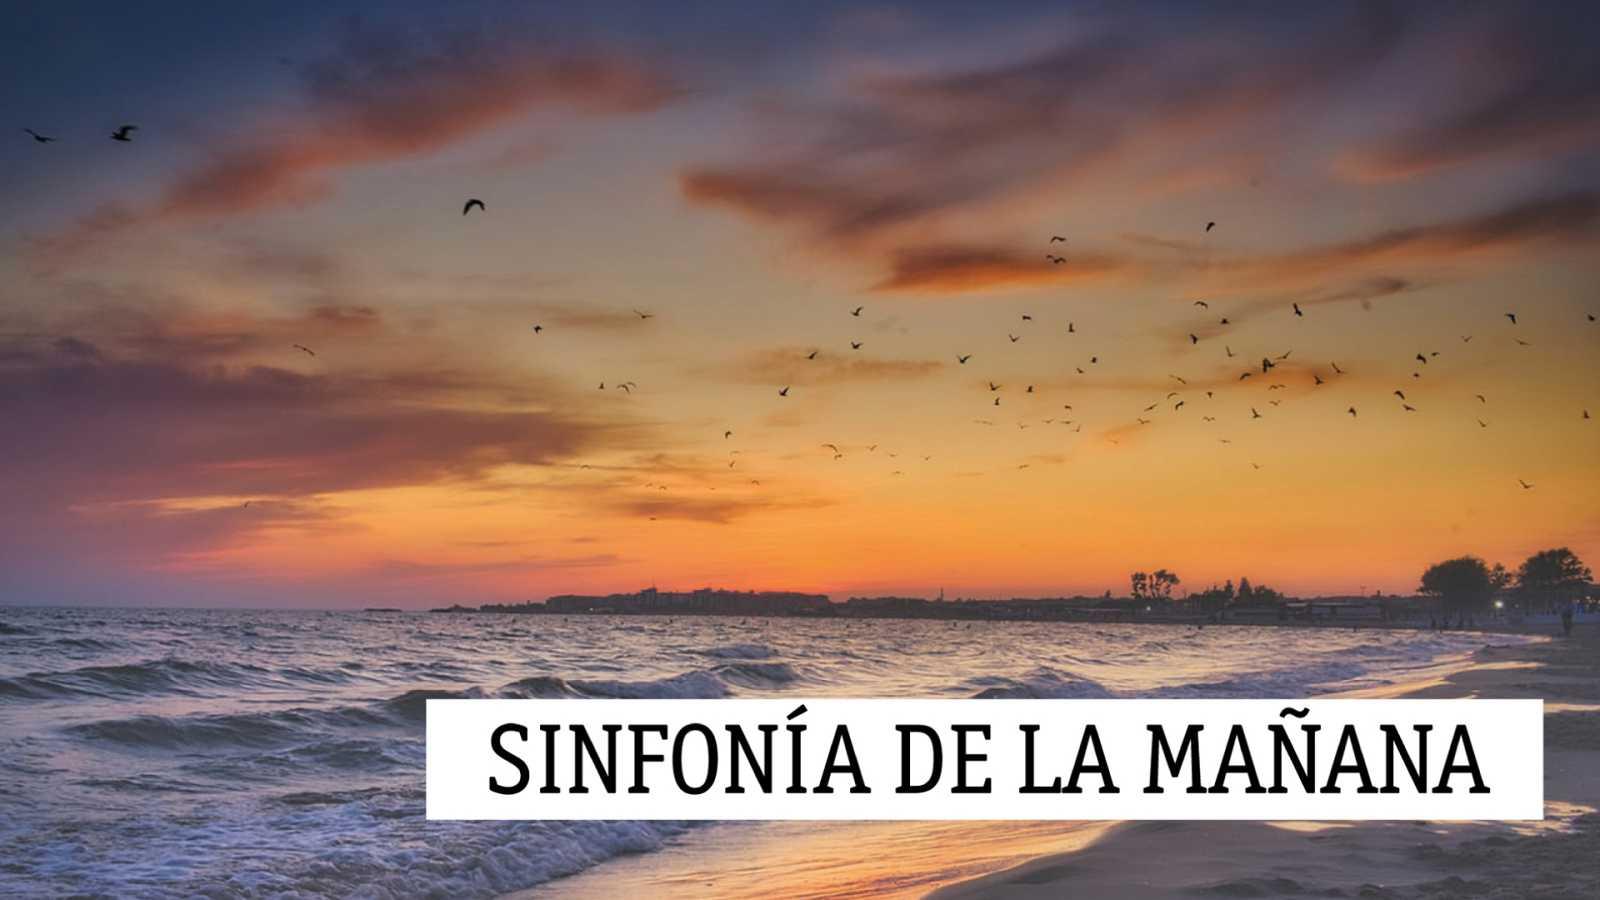 Sinfonía de la mañana - El mito Karajan - 26/04/21 - escuchar ahora